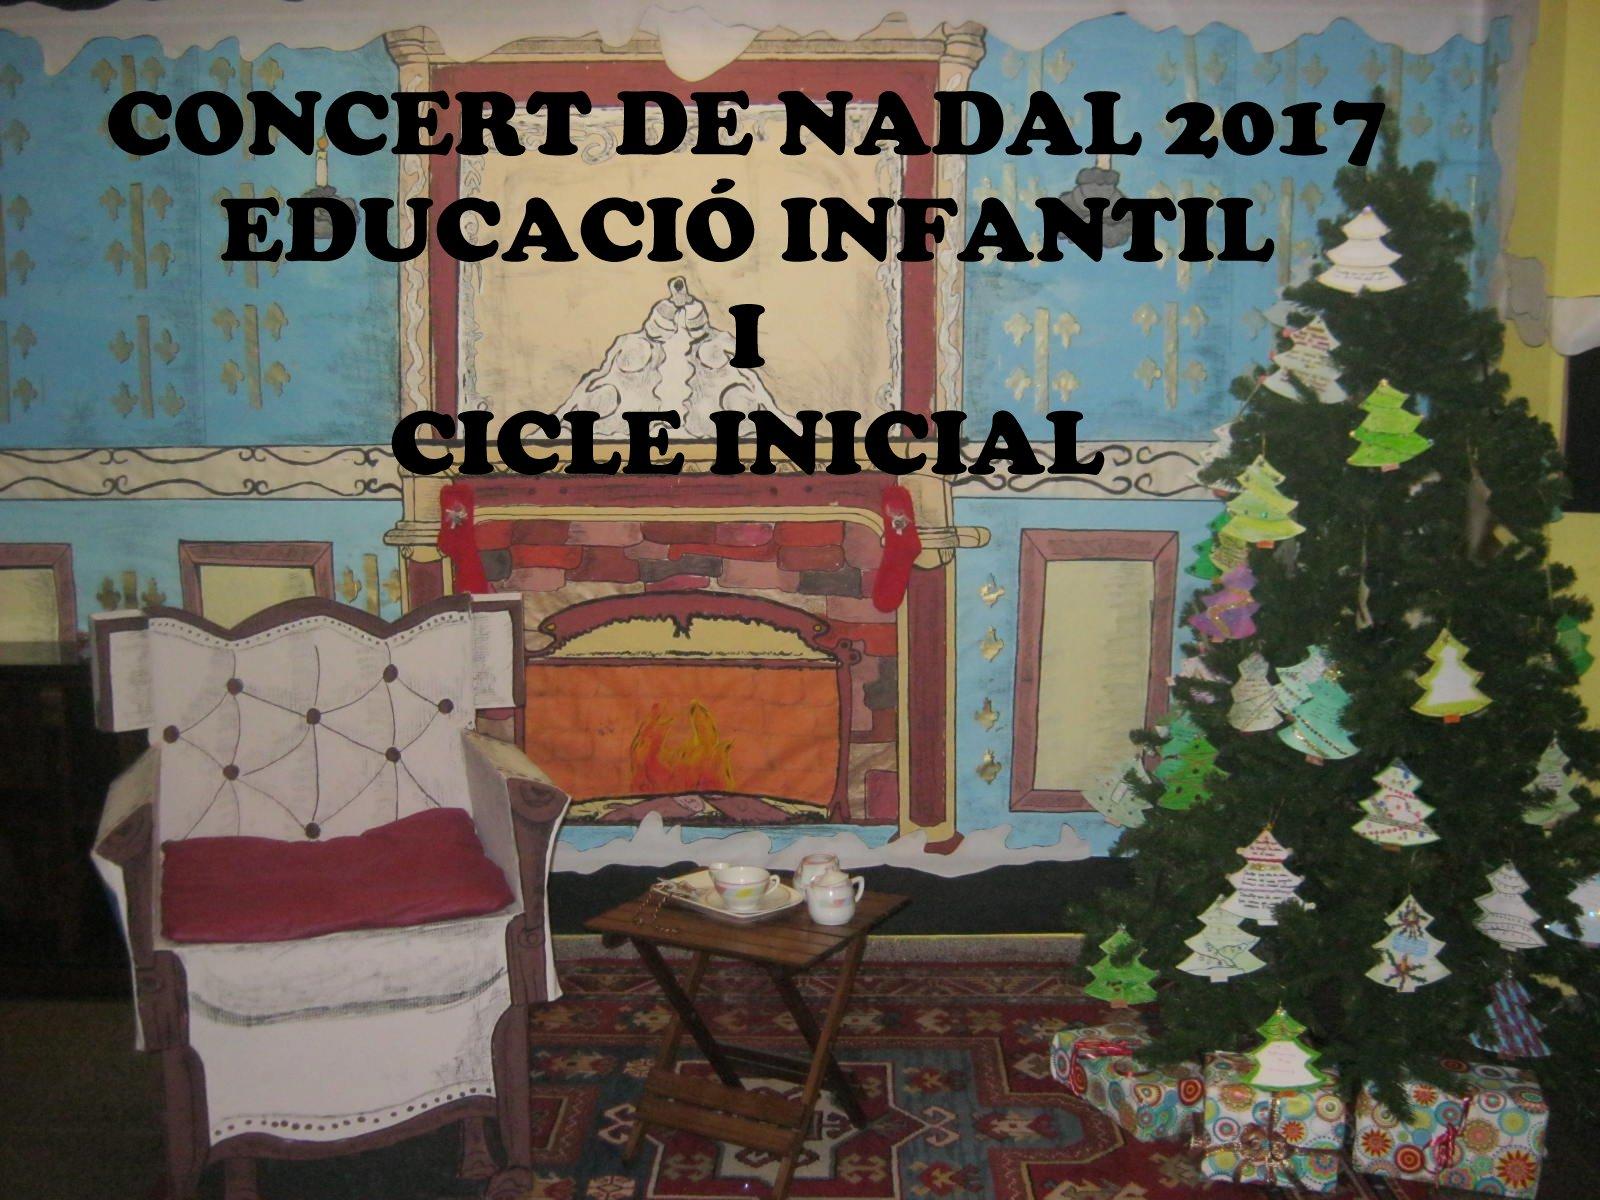 Concert de Nadal 2017. Educació infantil i cicle inicial